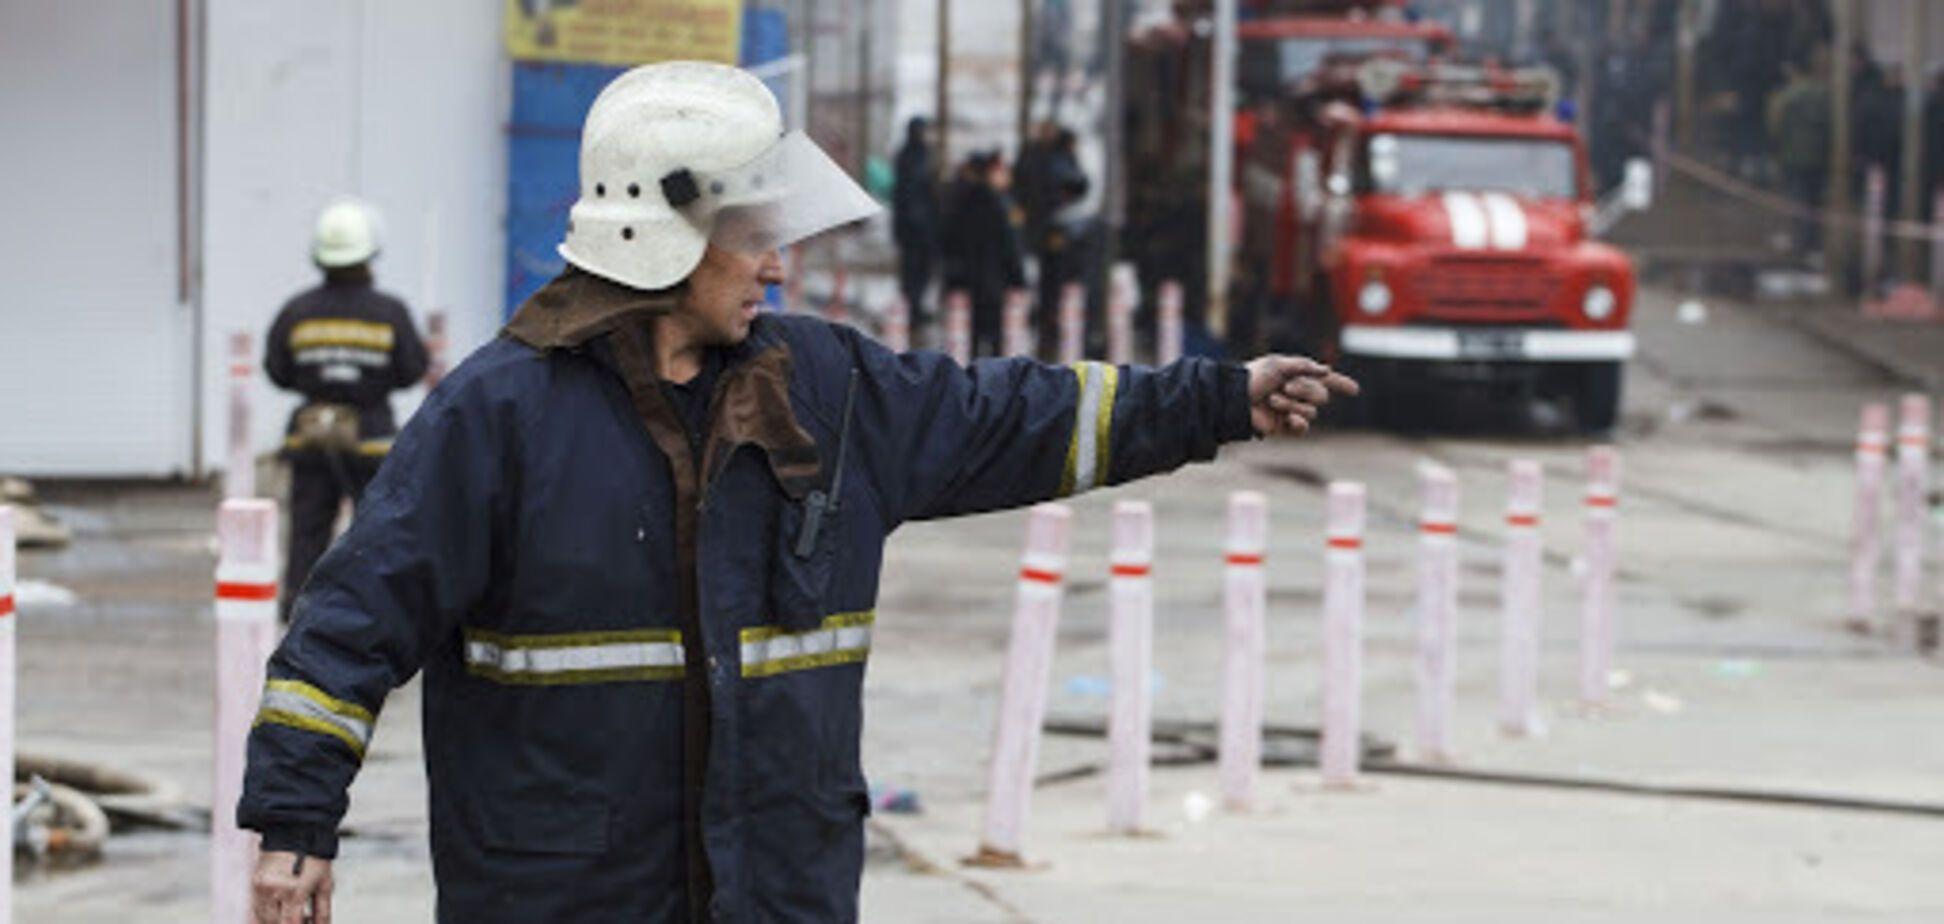 Пожарные ликвидировали возгорание автобуса на трассе под Киевом